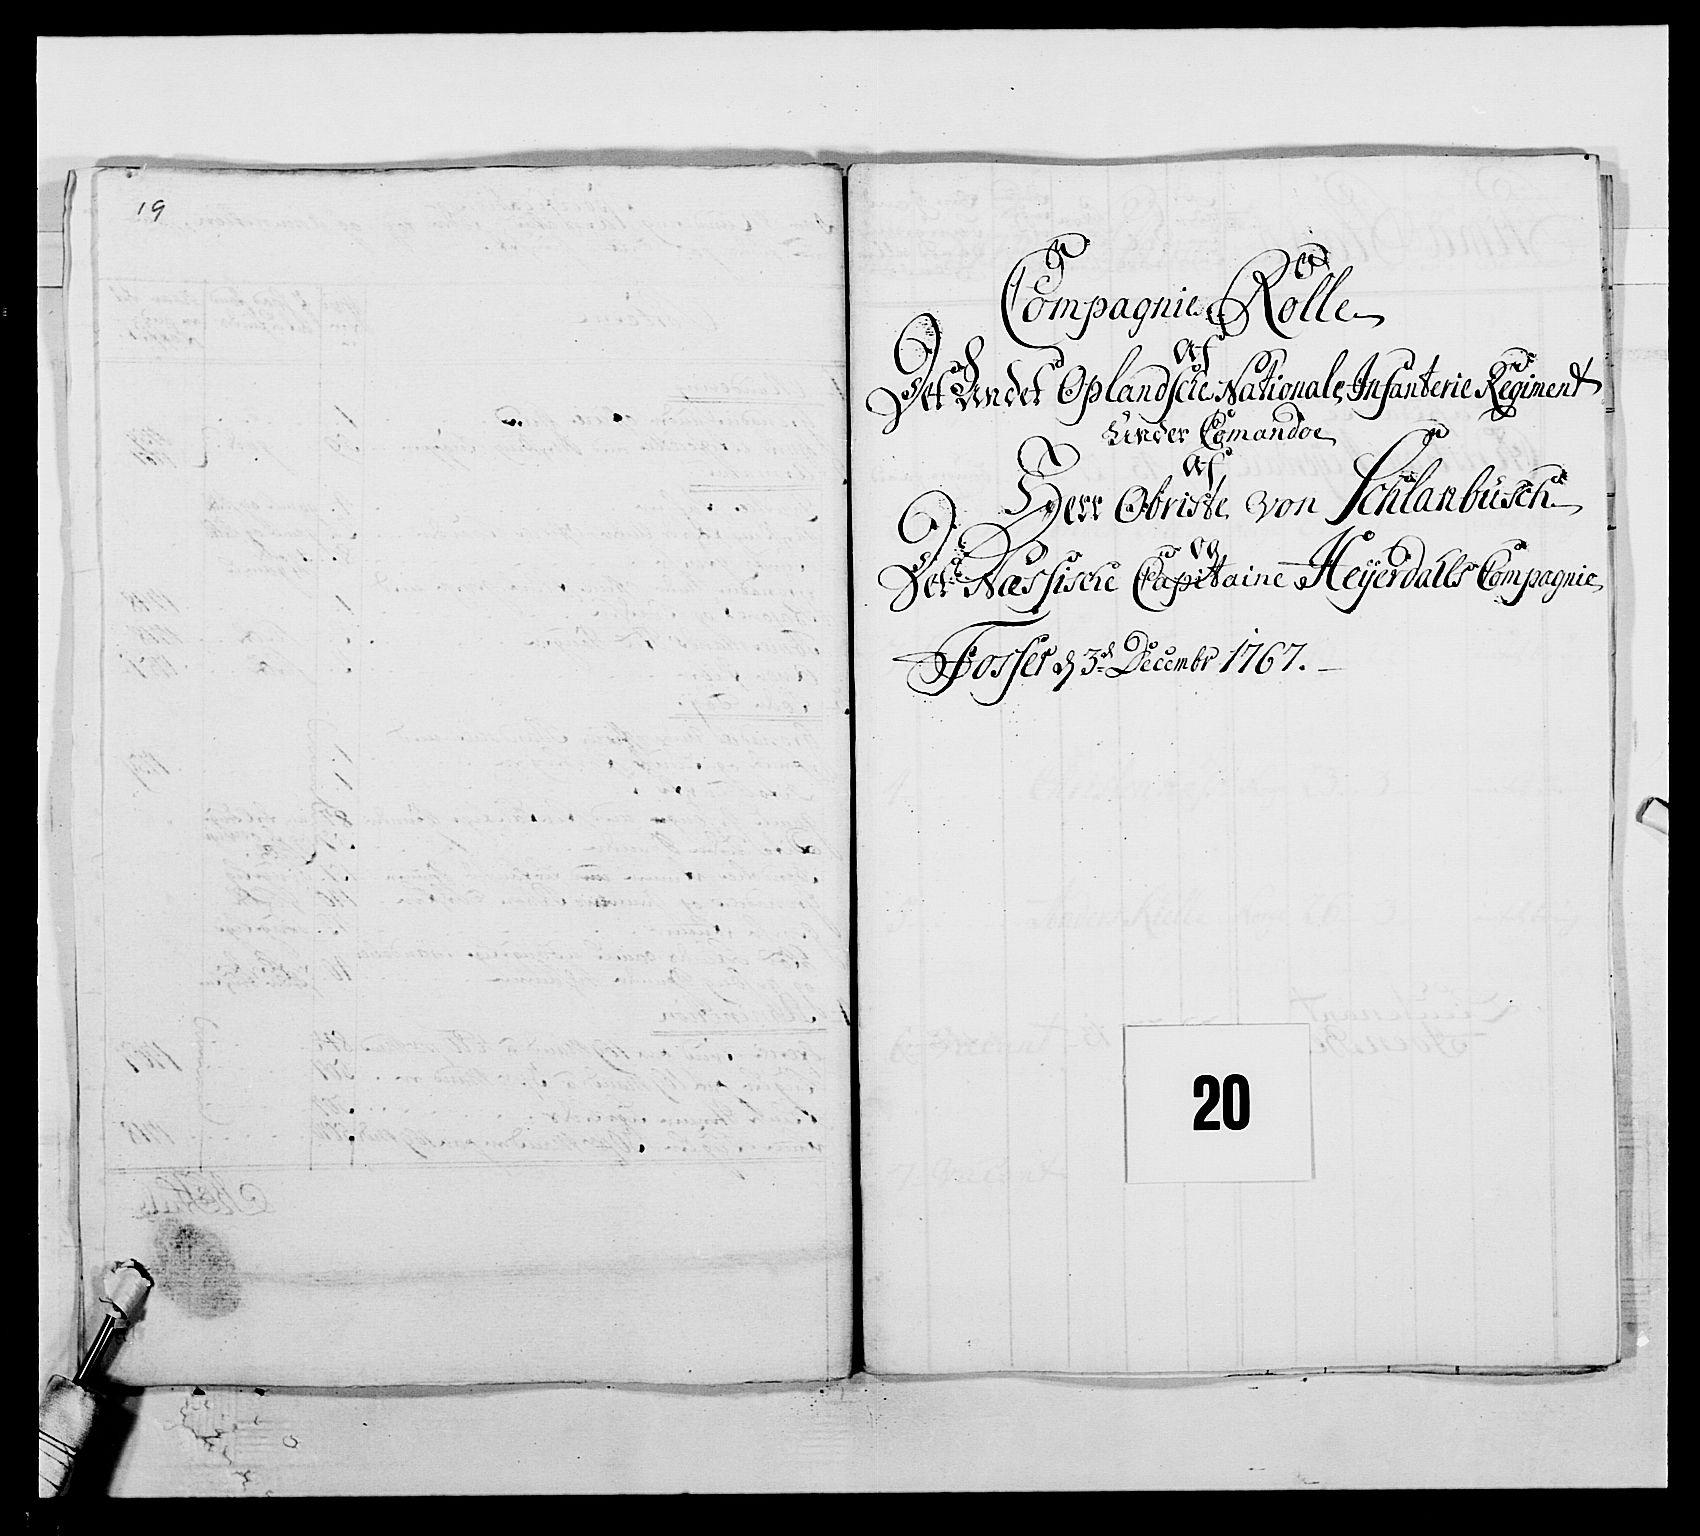 RA, Kommanderende general (KG I) med Det norske krigsdirektorium, E/Ea/L0507: 2. Opplandske regiment, 1766-1767, p. 439